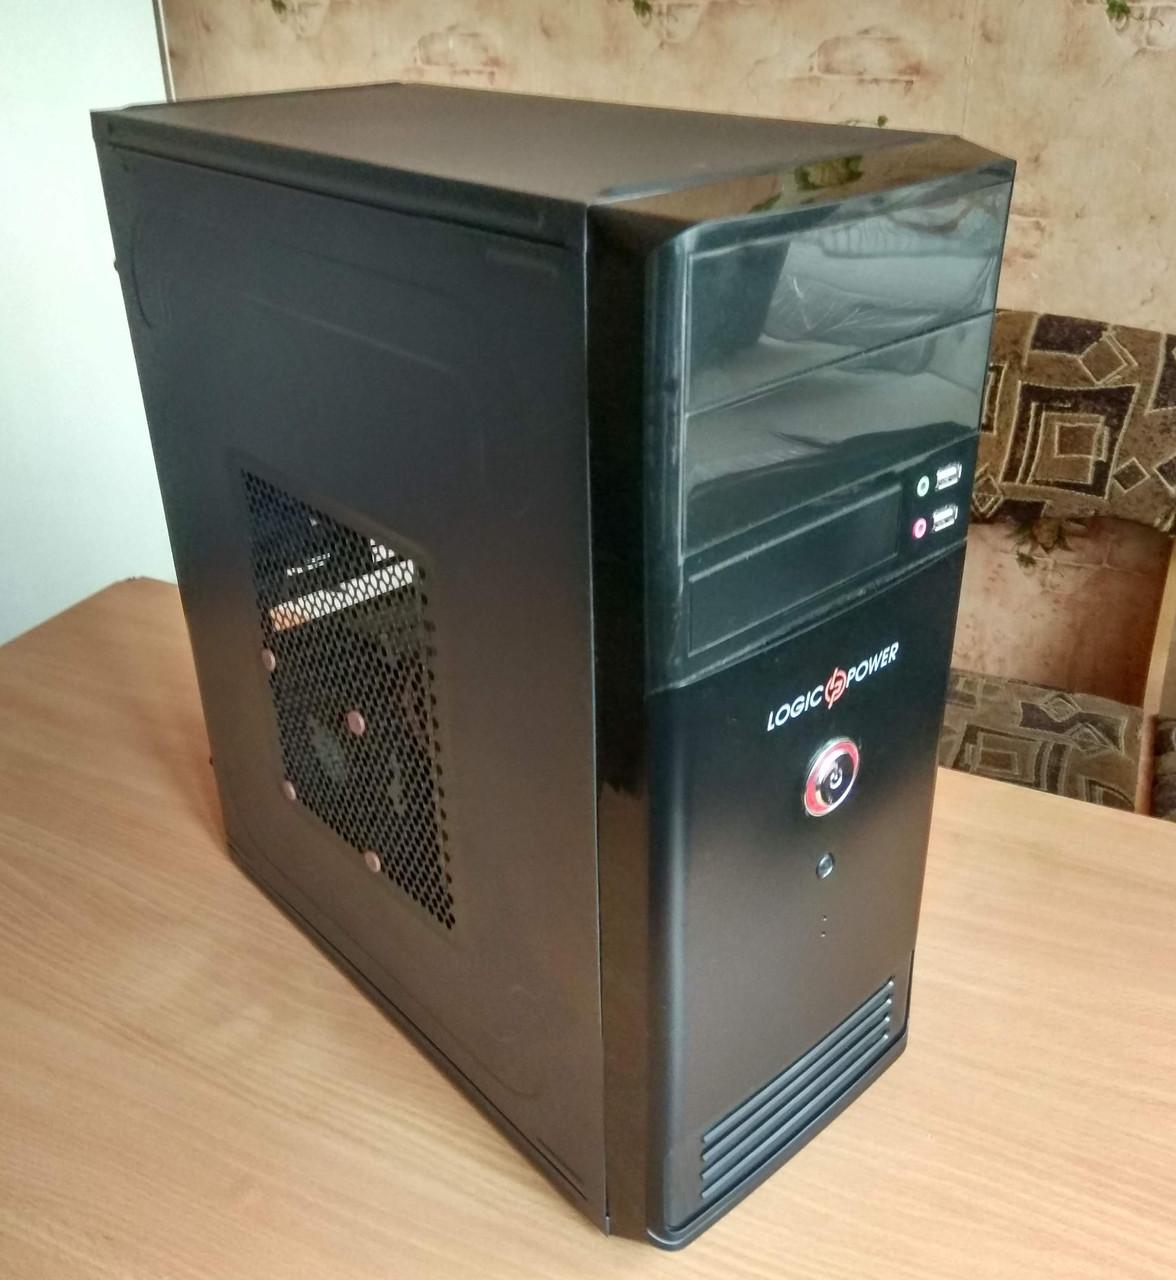 Частково БВ Системний блок на базі Phenom II x4 B45 +AMD Radeon 3000 + 8GB RAM + 120ГБ-SSD + 120ГБ-HDD